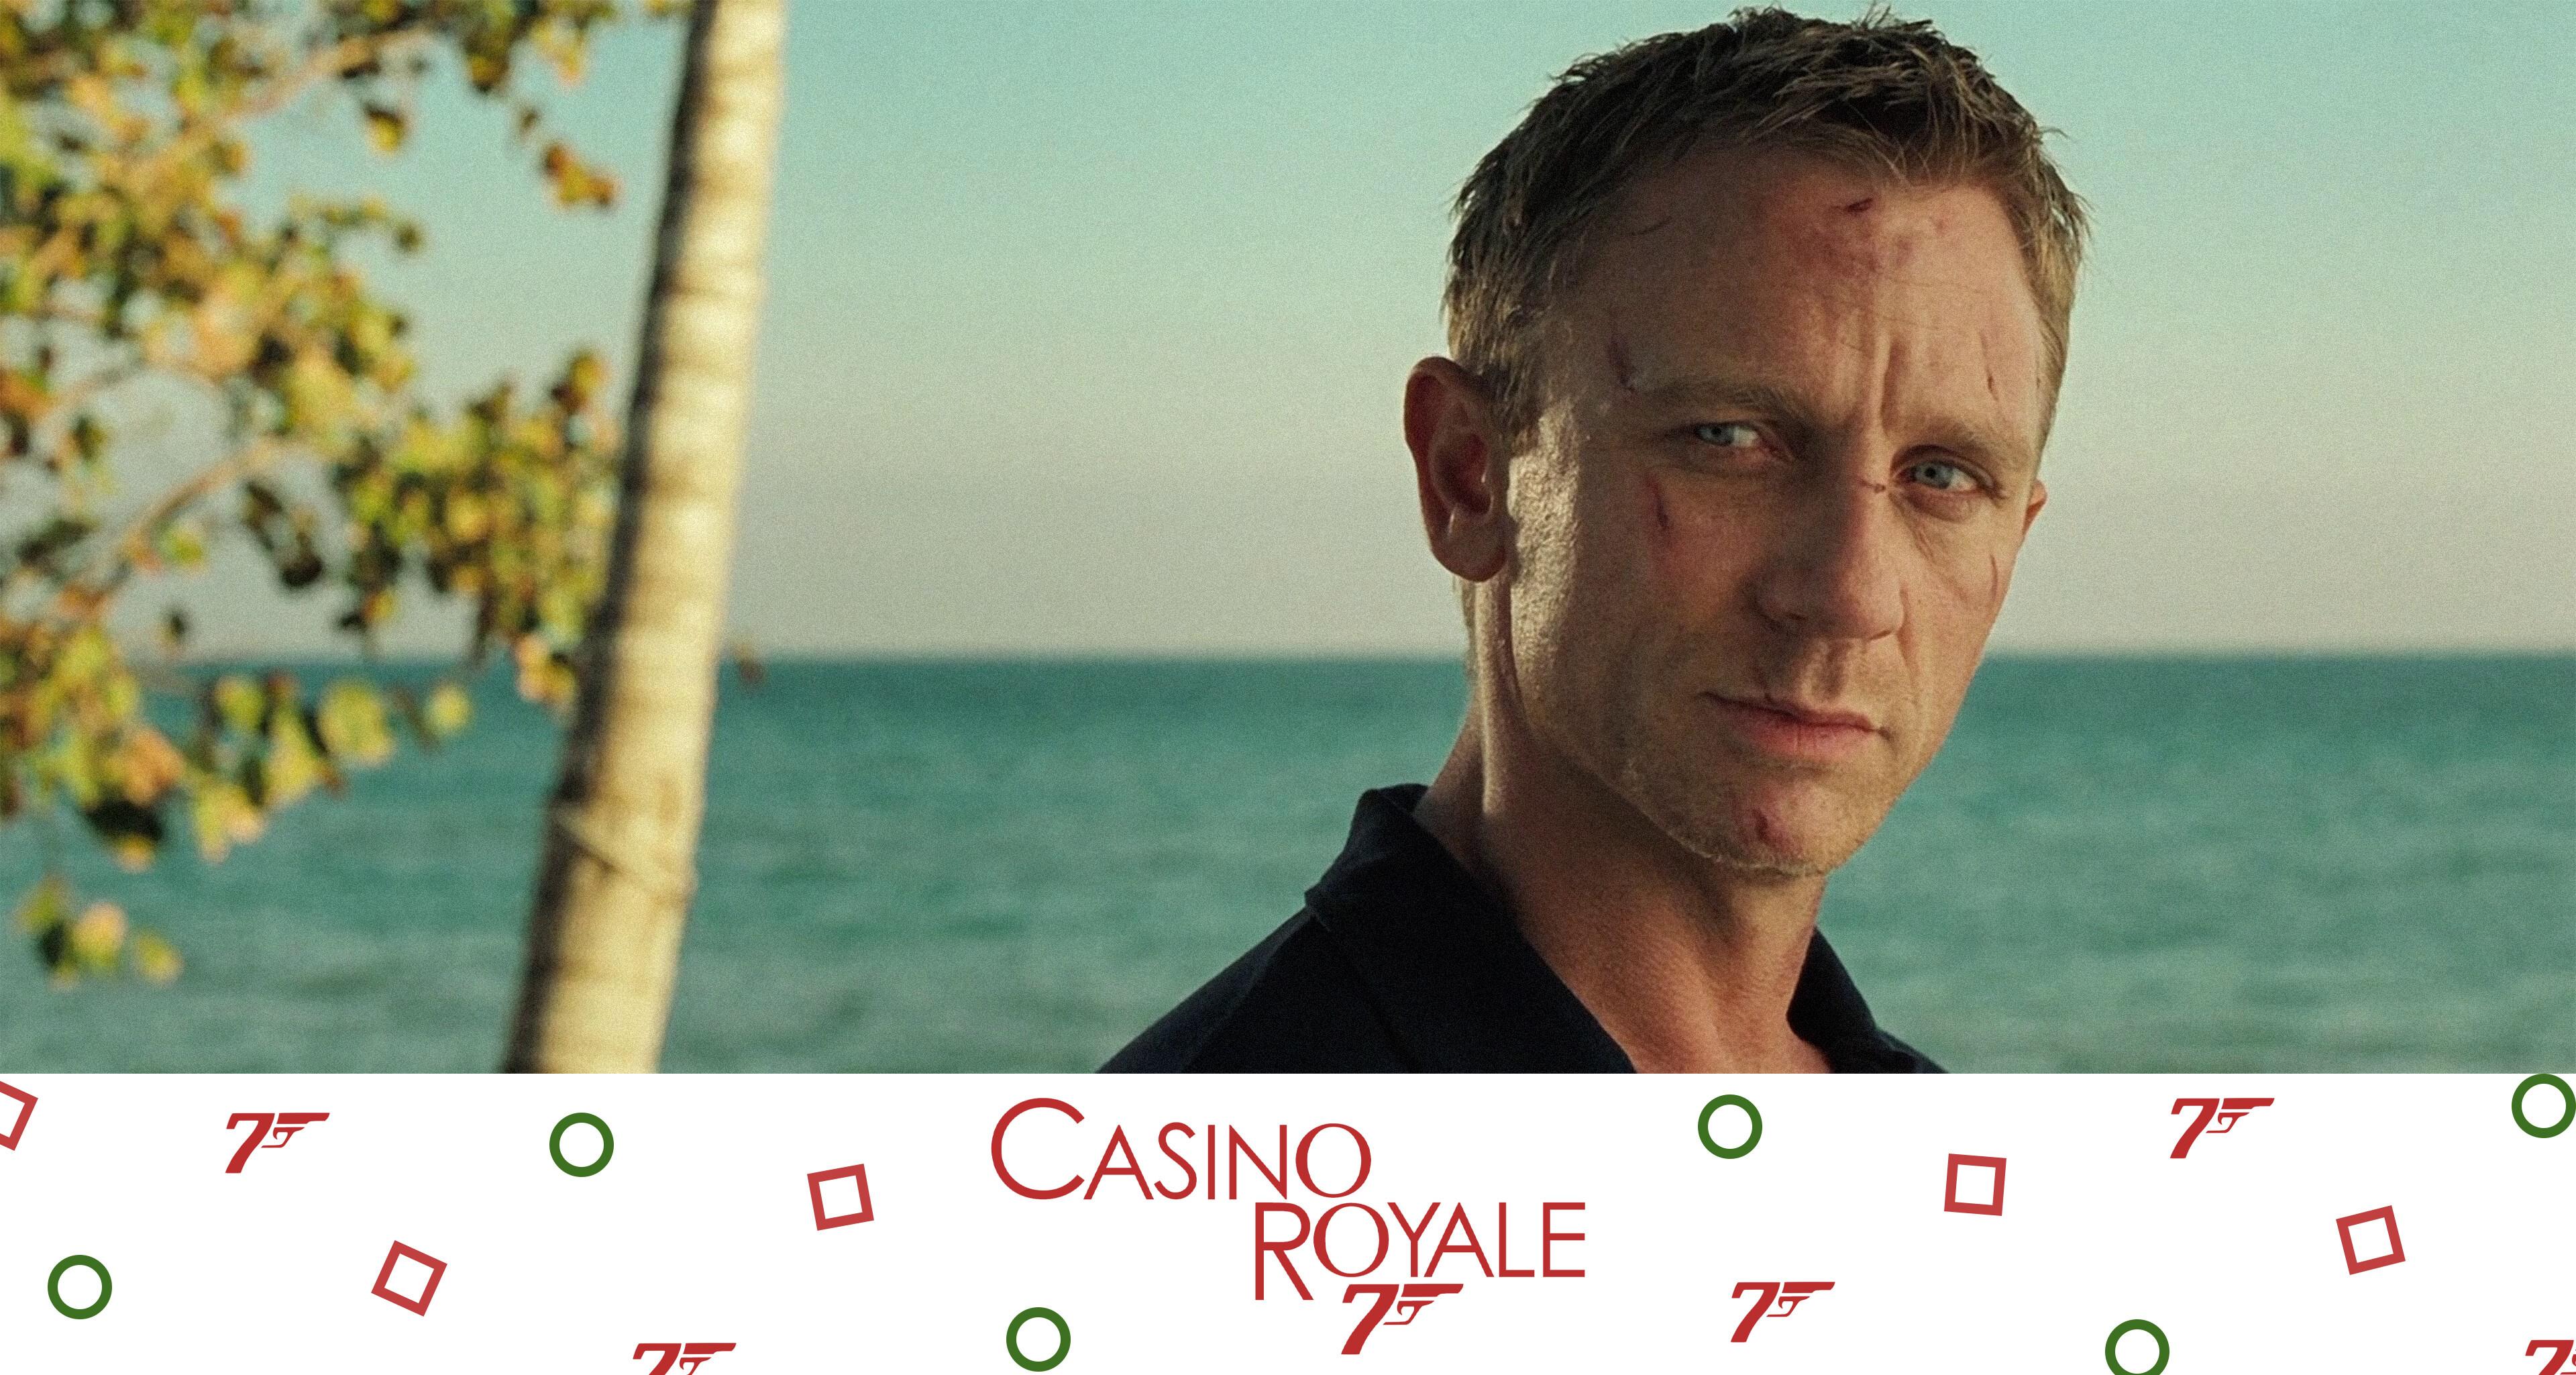 Исполнитель песни казино рояль как играют на игральных картах